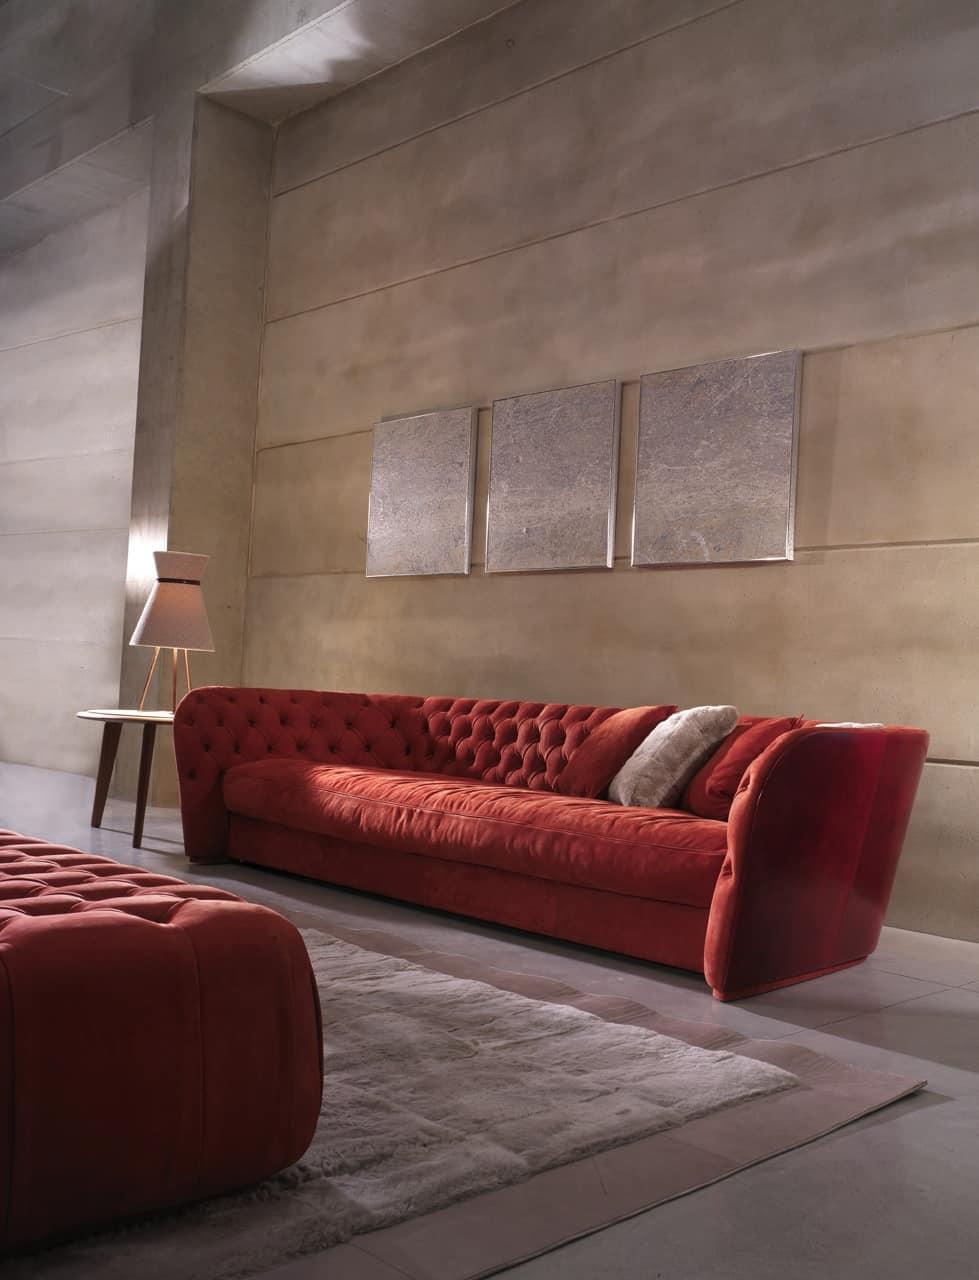 Divano rosso con sceslong divano rosso posti idee per il design della casa divano chesterfield - Divano rosso ikea ...